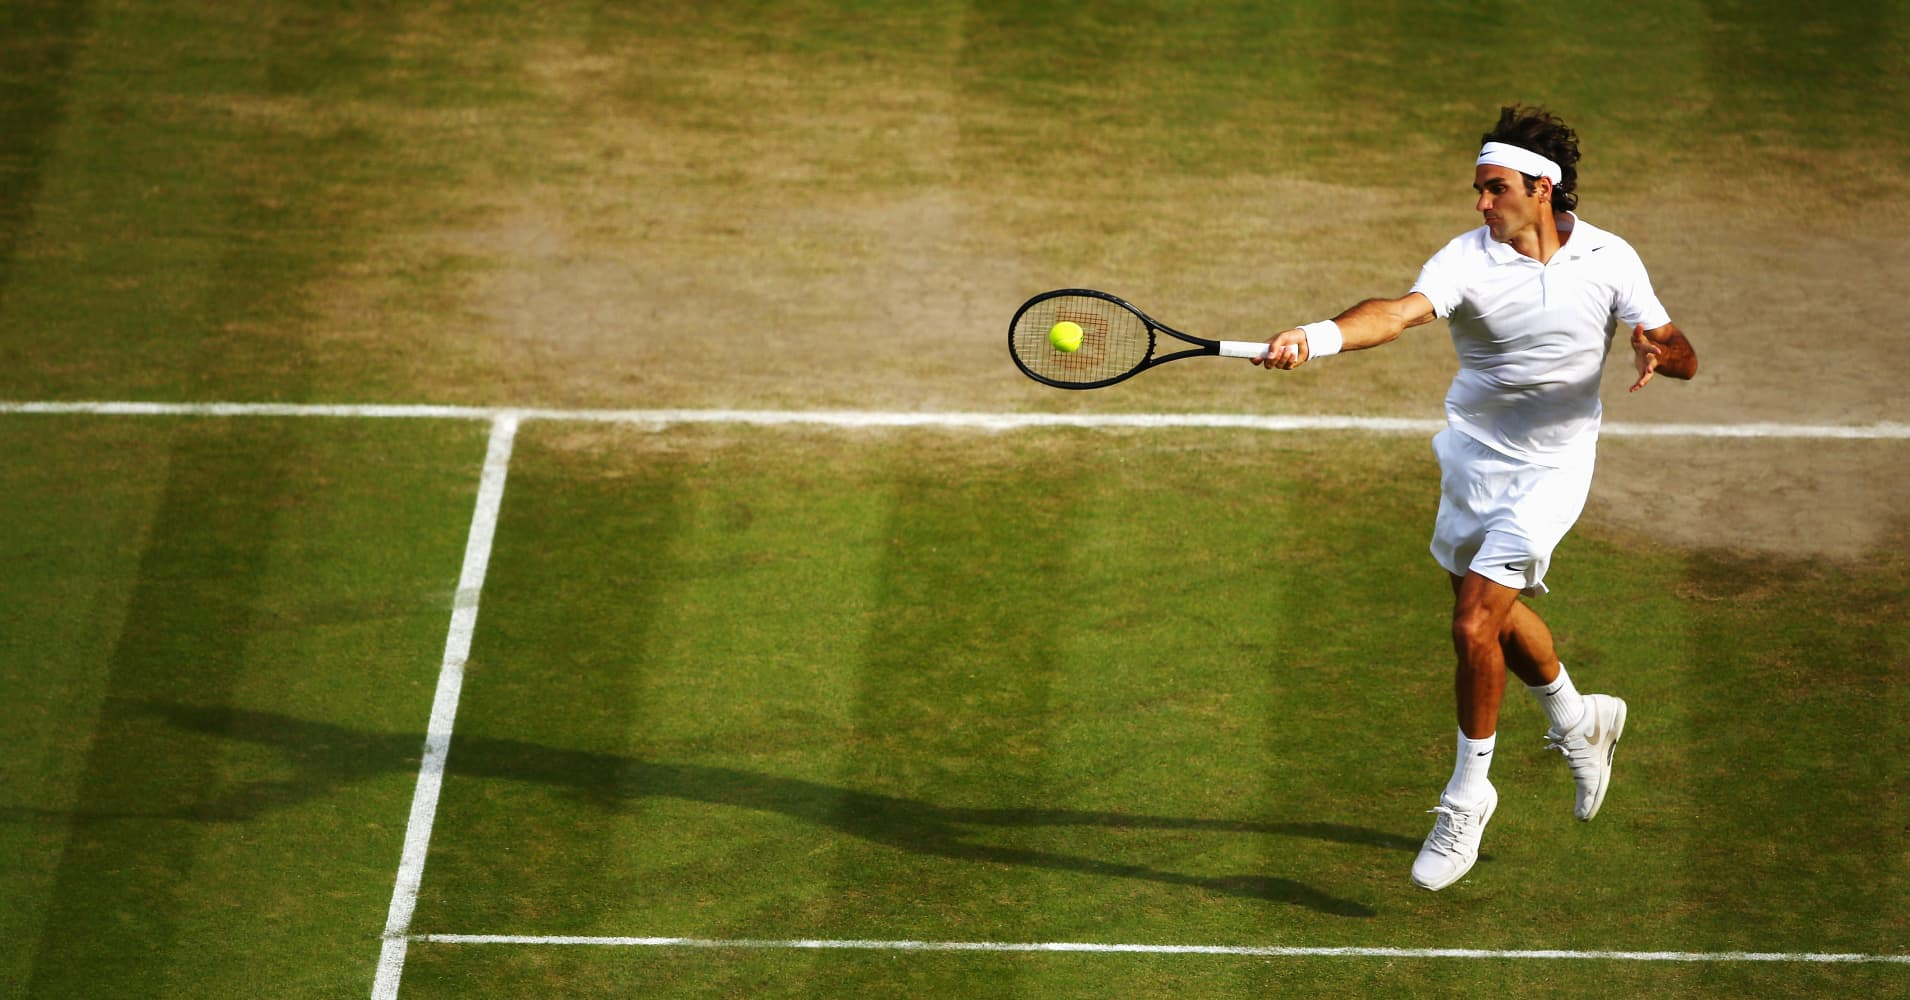 18-time Grand Slam champion Roger Federer